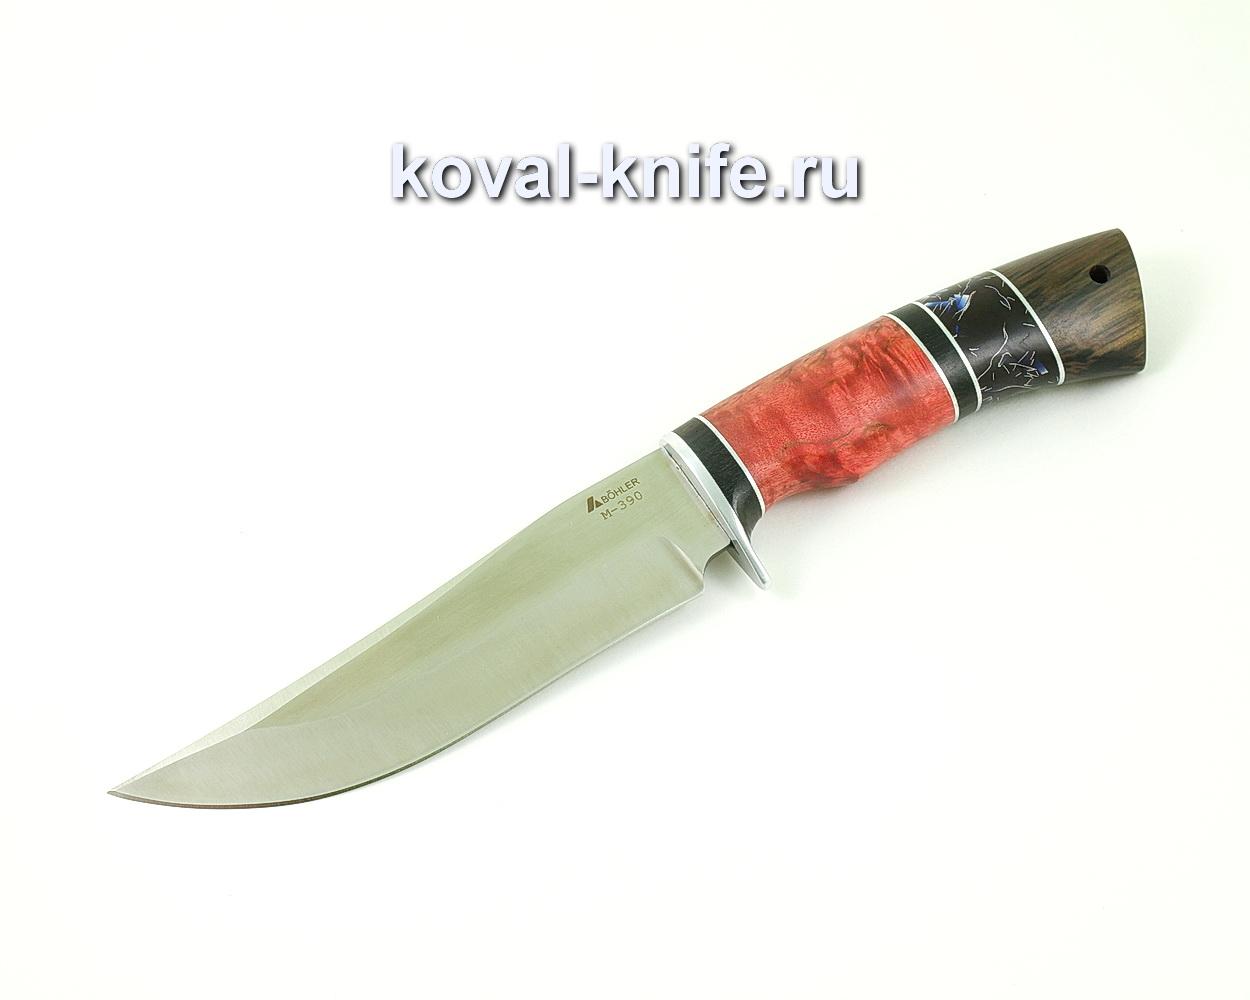 Нож из порошковой стали М390 Клыч (рукоять стабилизированная карельская береза, венге и композит) A508